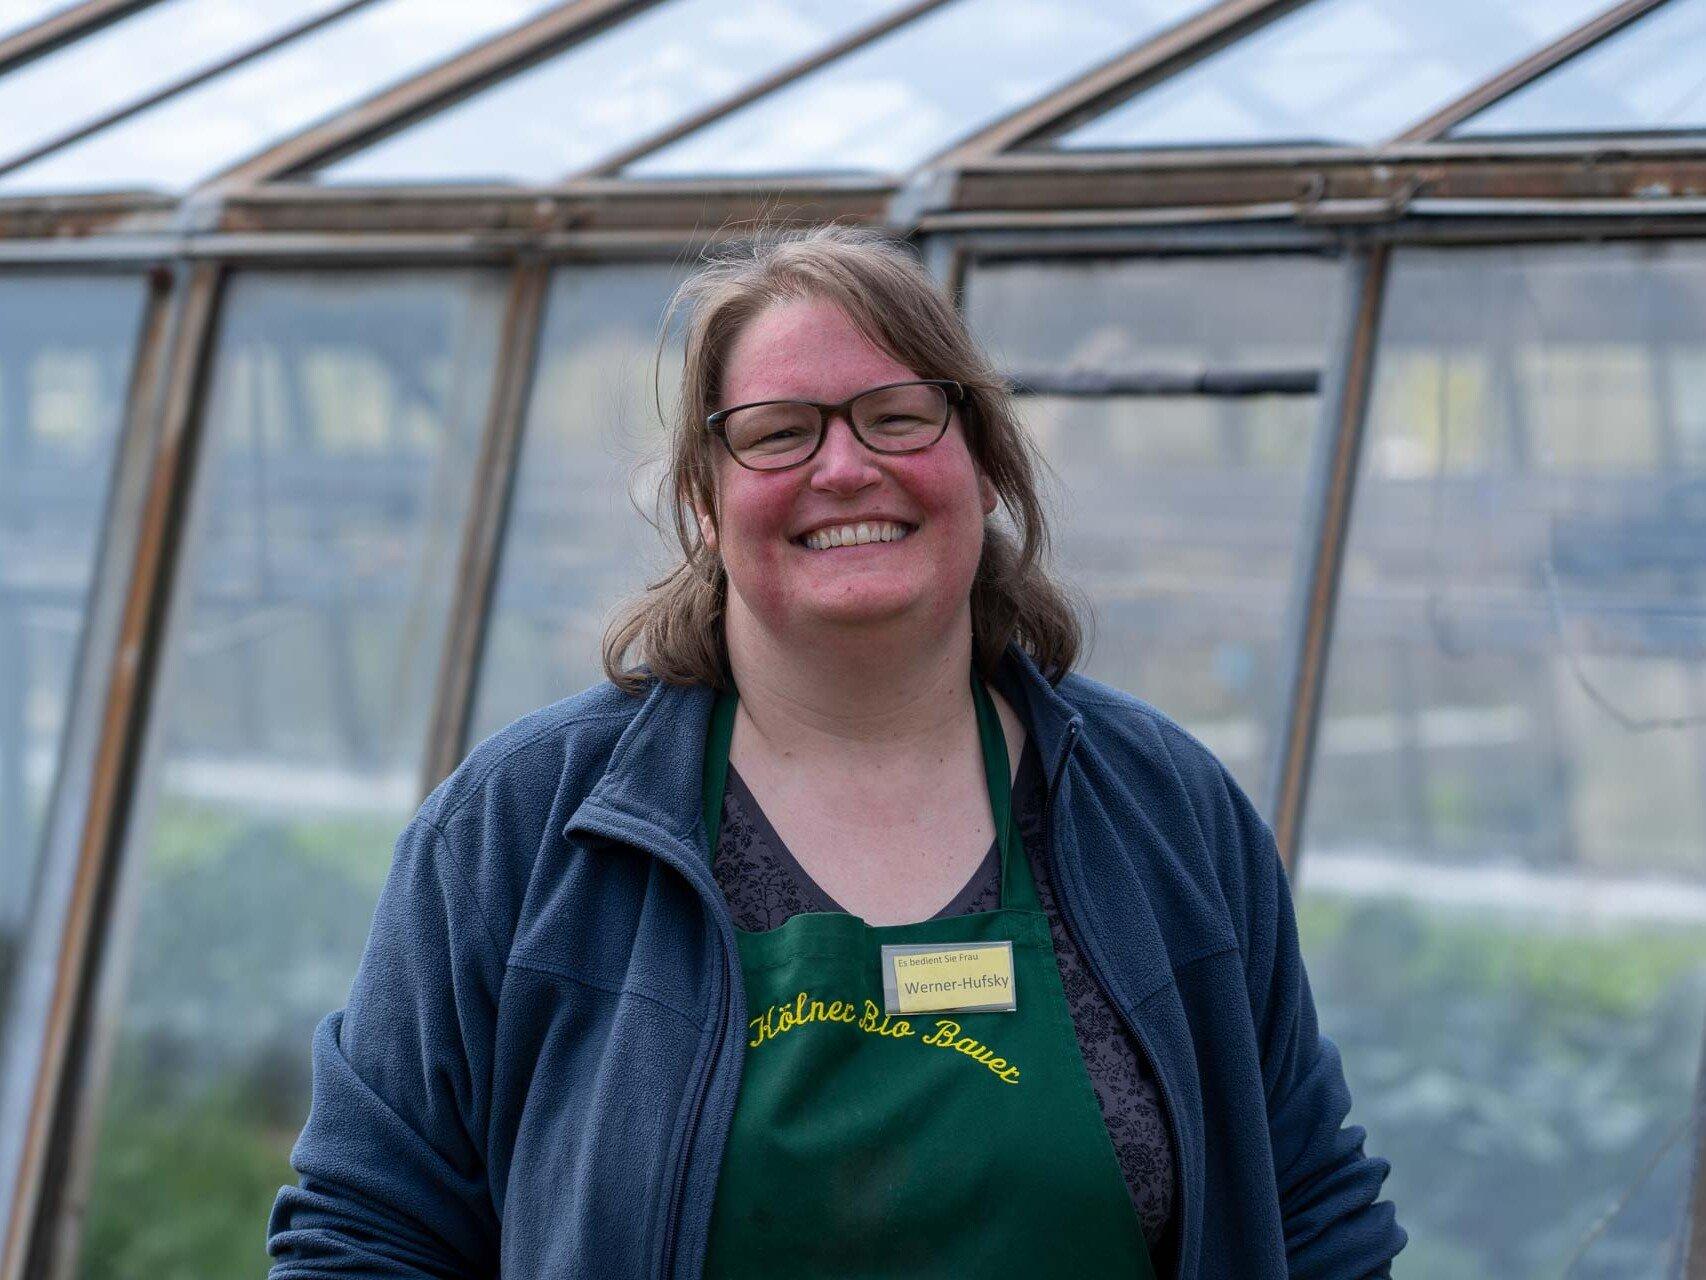 Nicole Werner-Hufsky arbeitet beim Kölner Biobauern in Humboldt/Gremberg